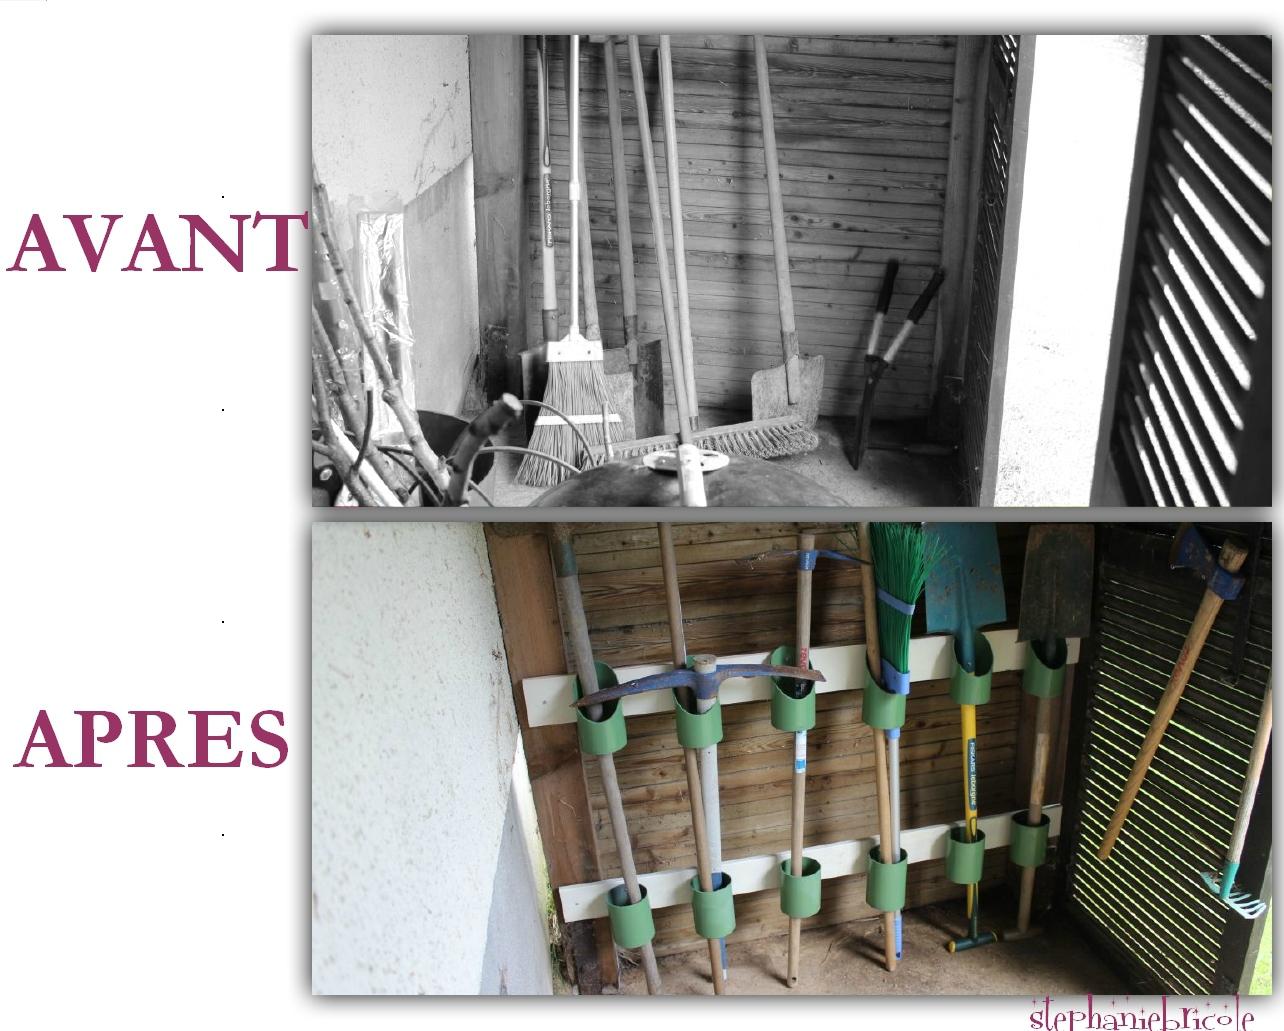 Idée De Rangement Récup Pour Le Jardin ! - Stéphanie Bricole avec Recup Pour Le Jardin